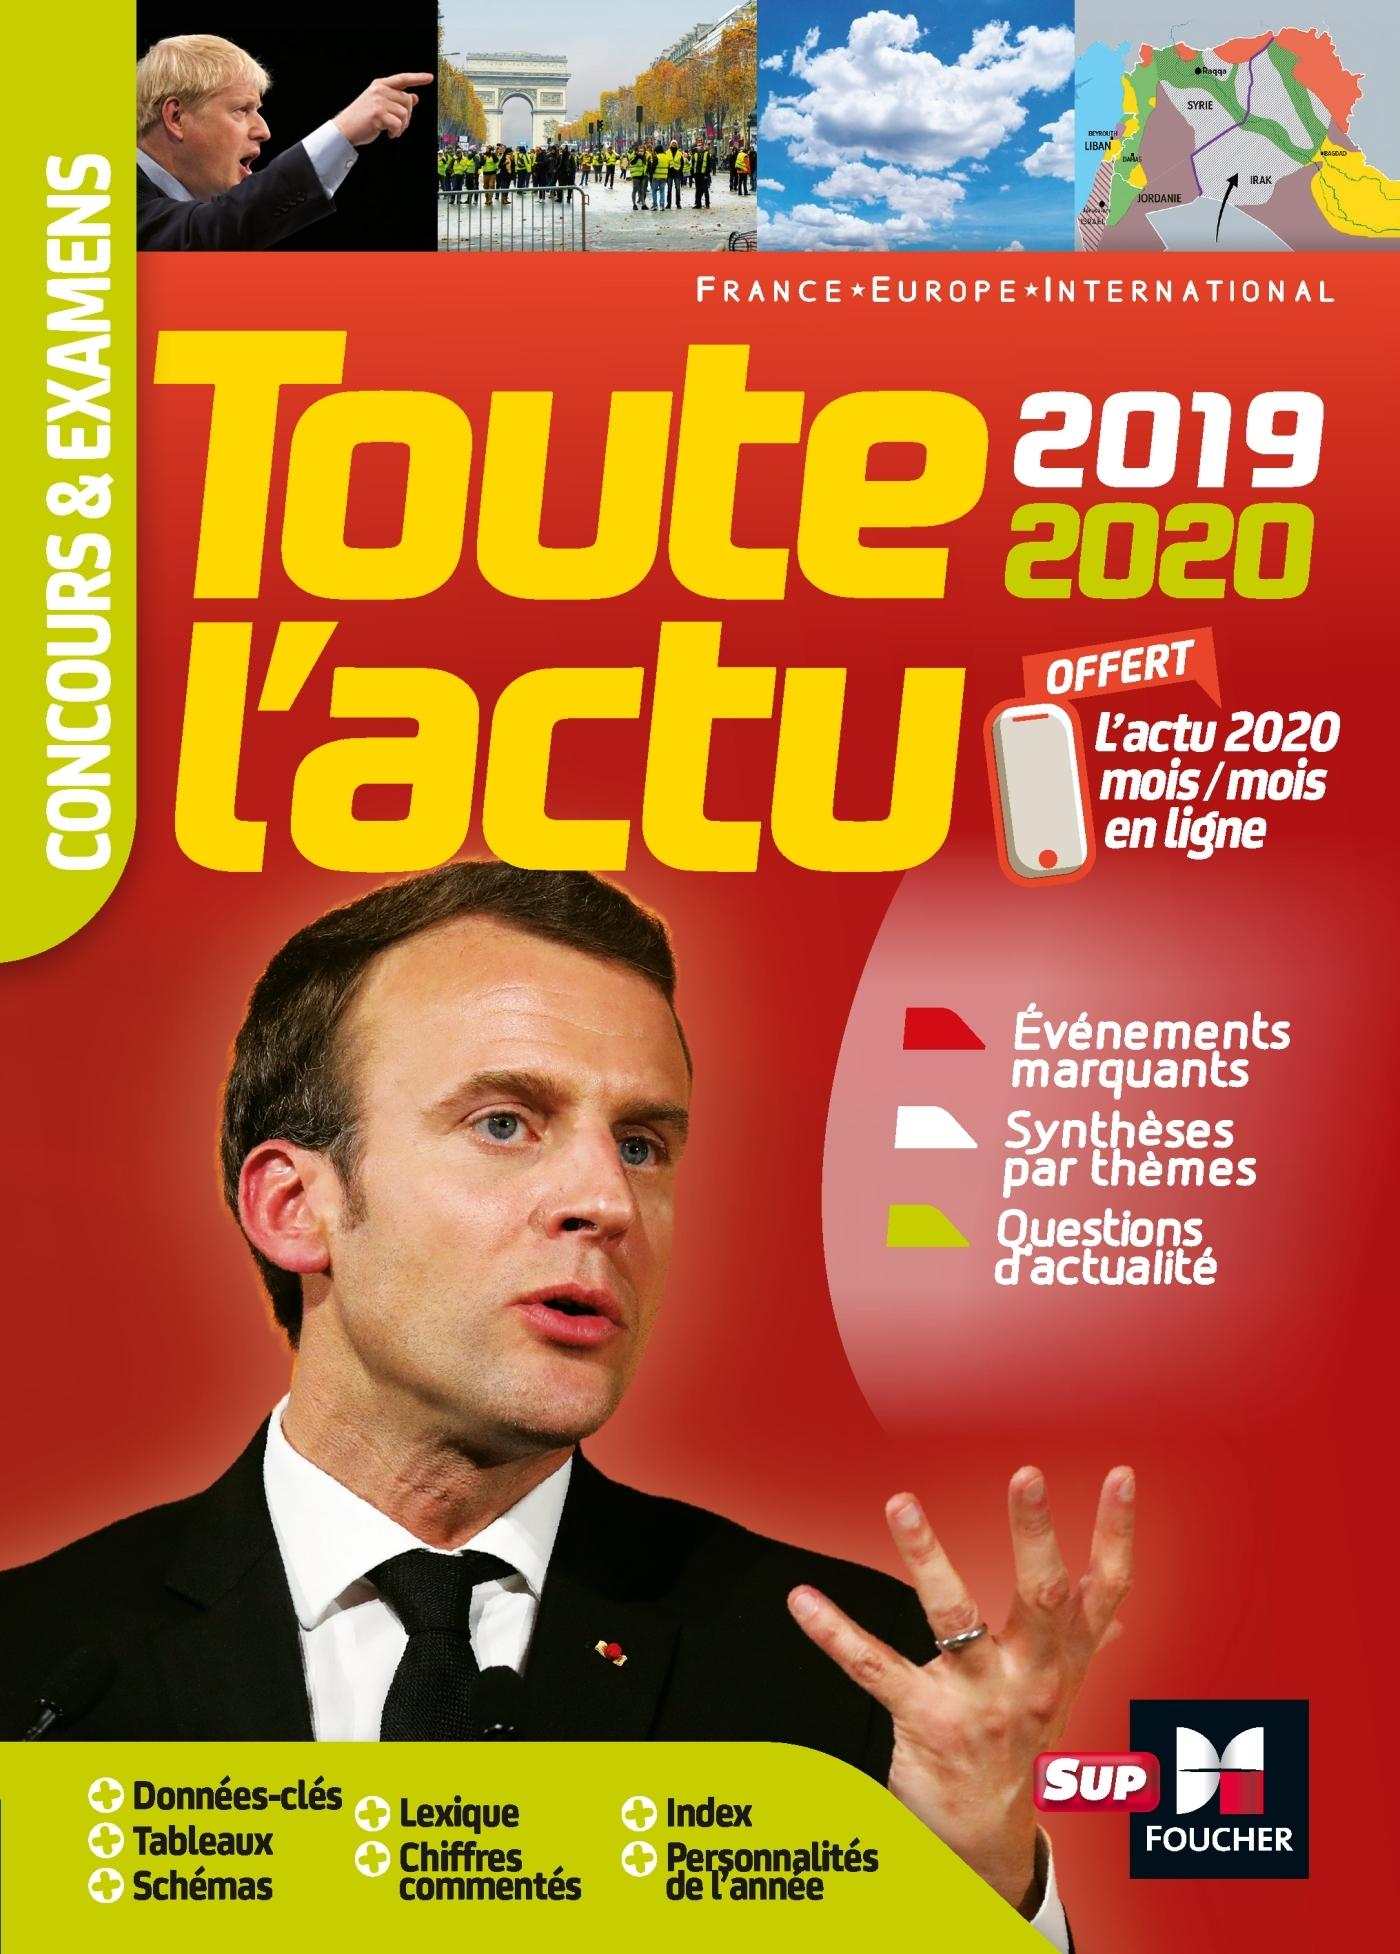 TOUTE L'ACTU 2019 - CONCOURS & EXAMENS - SUJETS ET CHIFFRES CLEFS DE L'ACTUALITE 2020